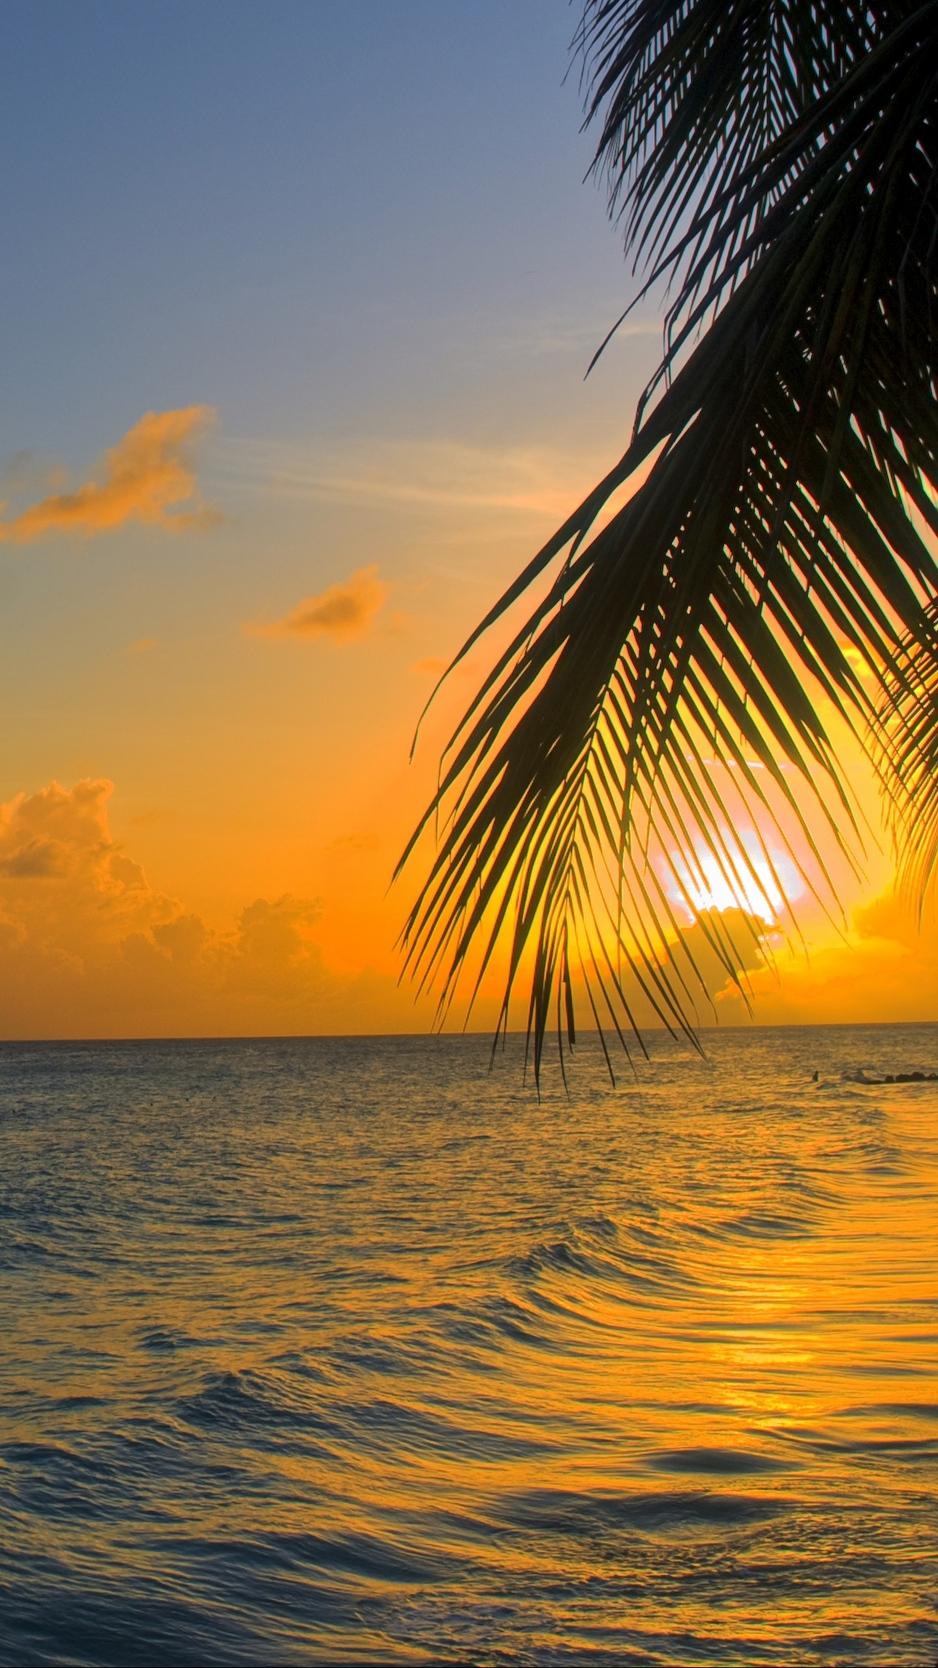 Wallpaper Ocean, Sunset, Palm, Beach, Barbados - Ocean Sunset Background Iphone - HD Wallpaper